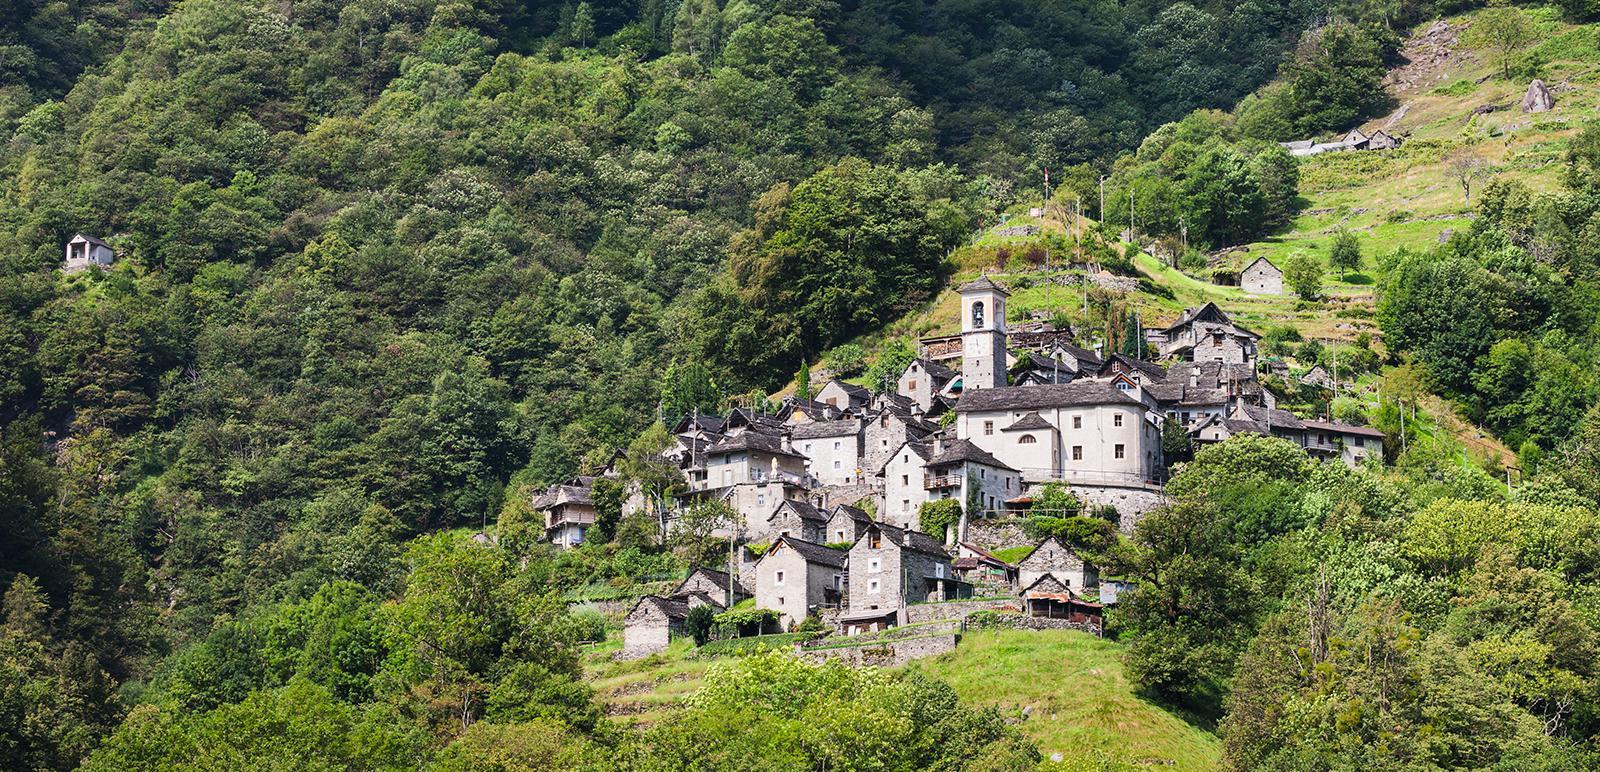 Das Dorf Corippo im Verzasca-Tal